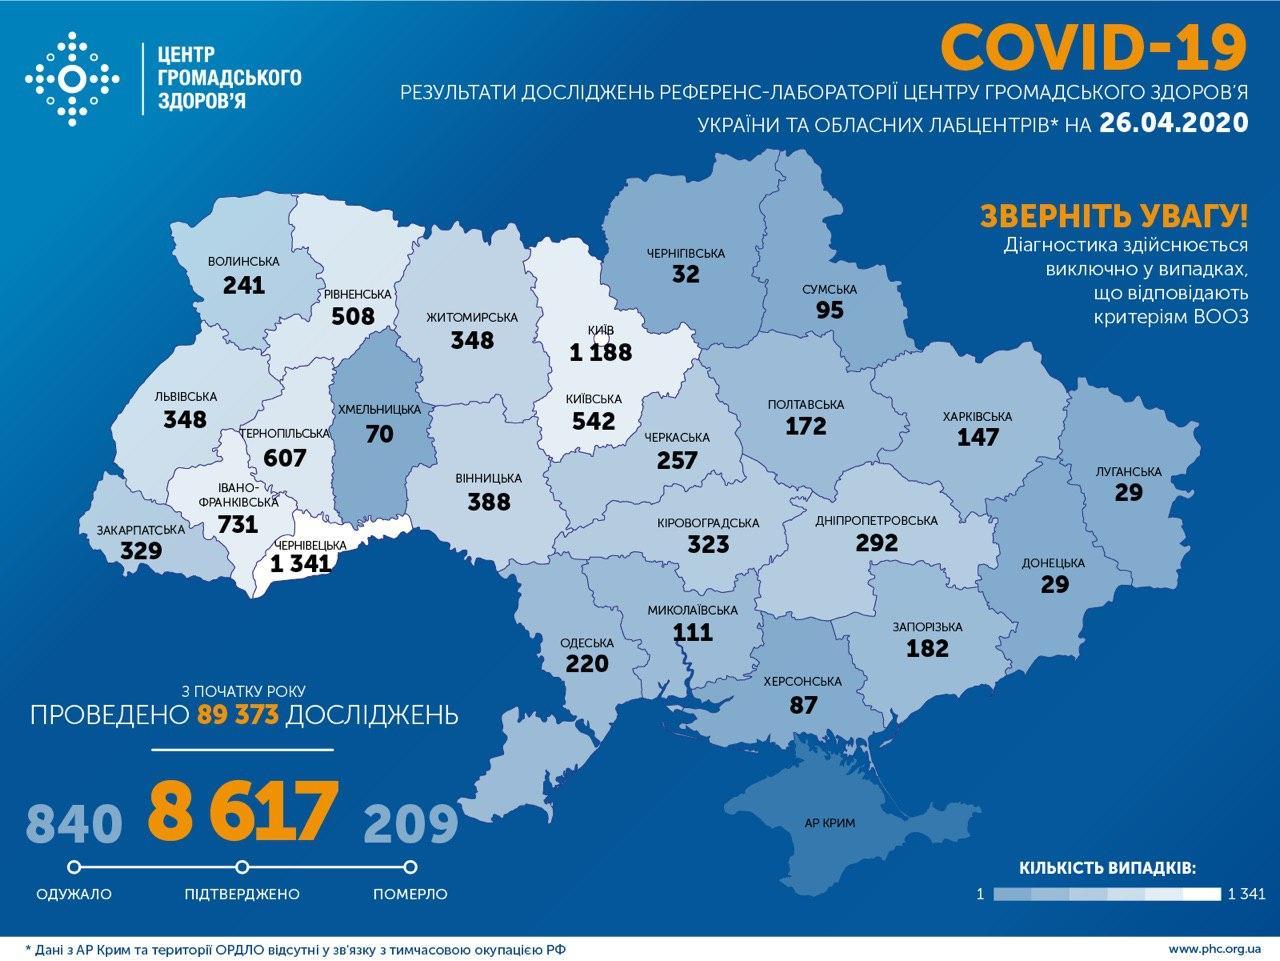 В Україні підтверджено 8617 випадків COVID-19, померли 209 людей